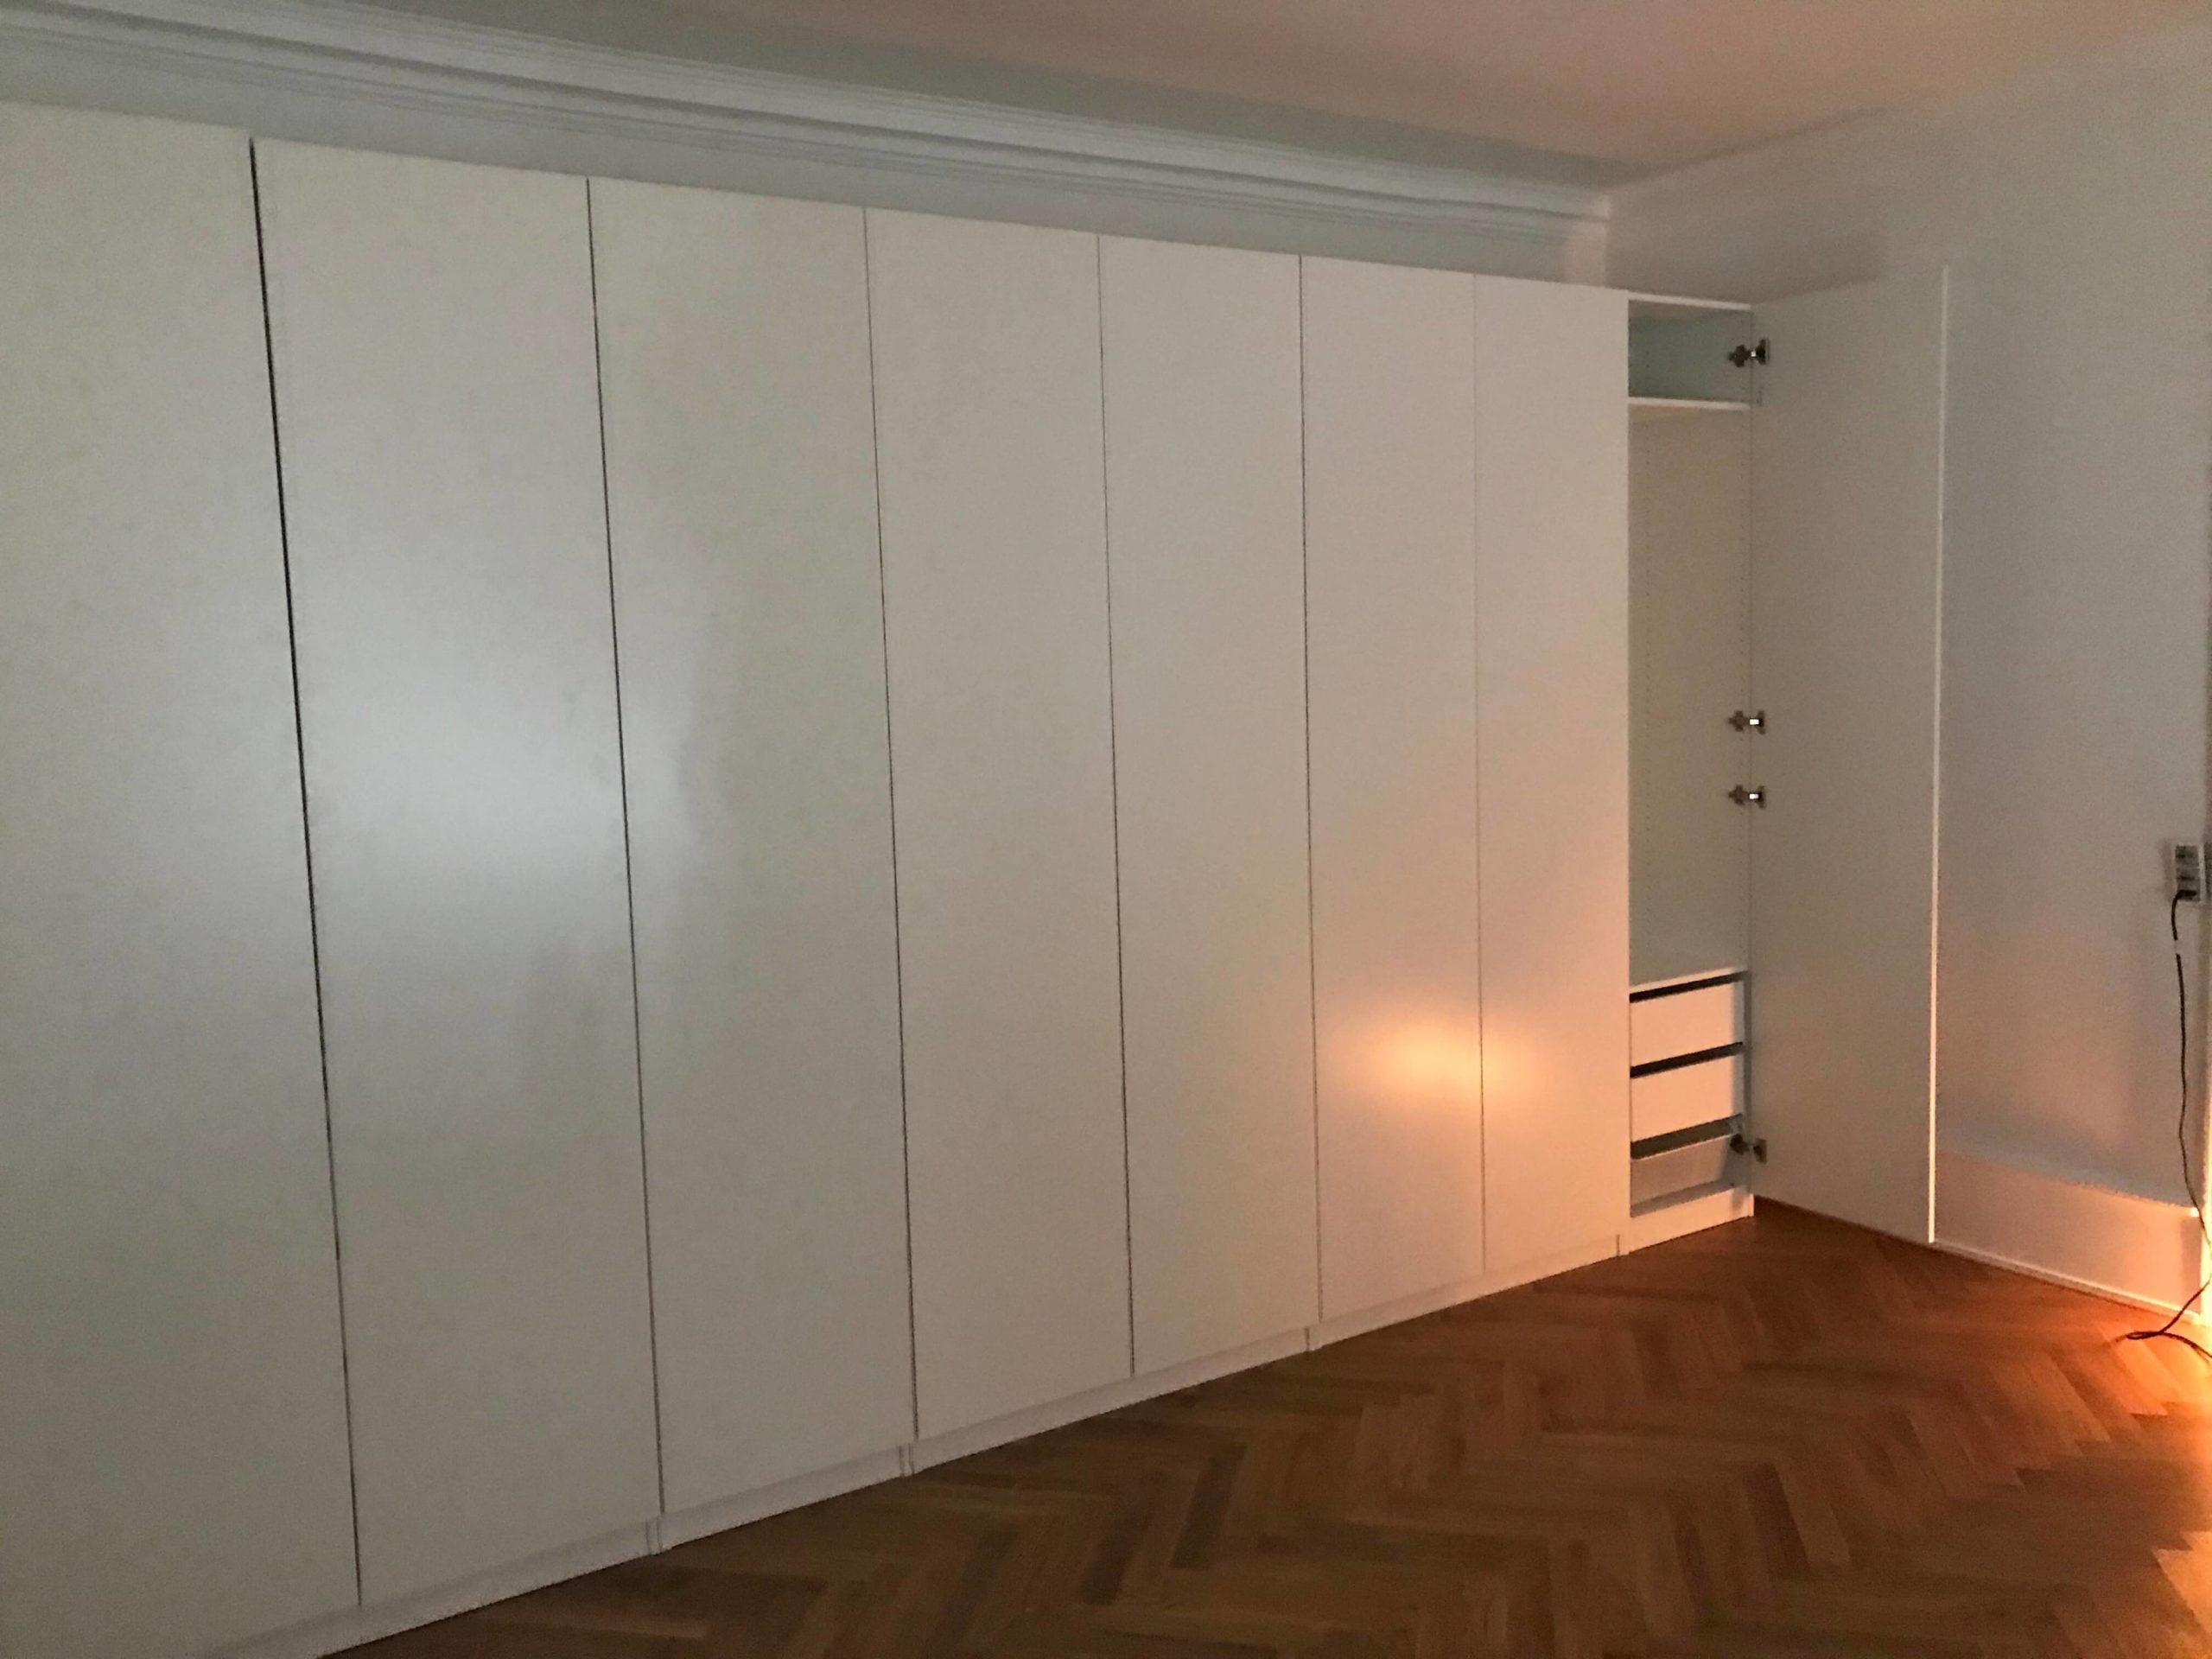 Samling Af Ikea Pax Garderobeskab Bestaende Af 6 Pax Stel 236 Cm Homesetup Dk